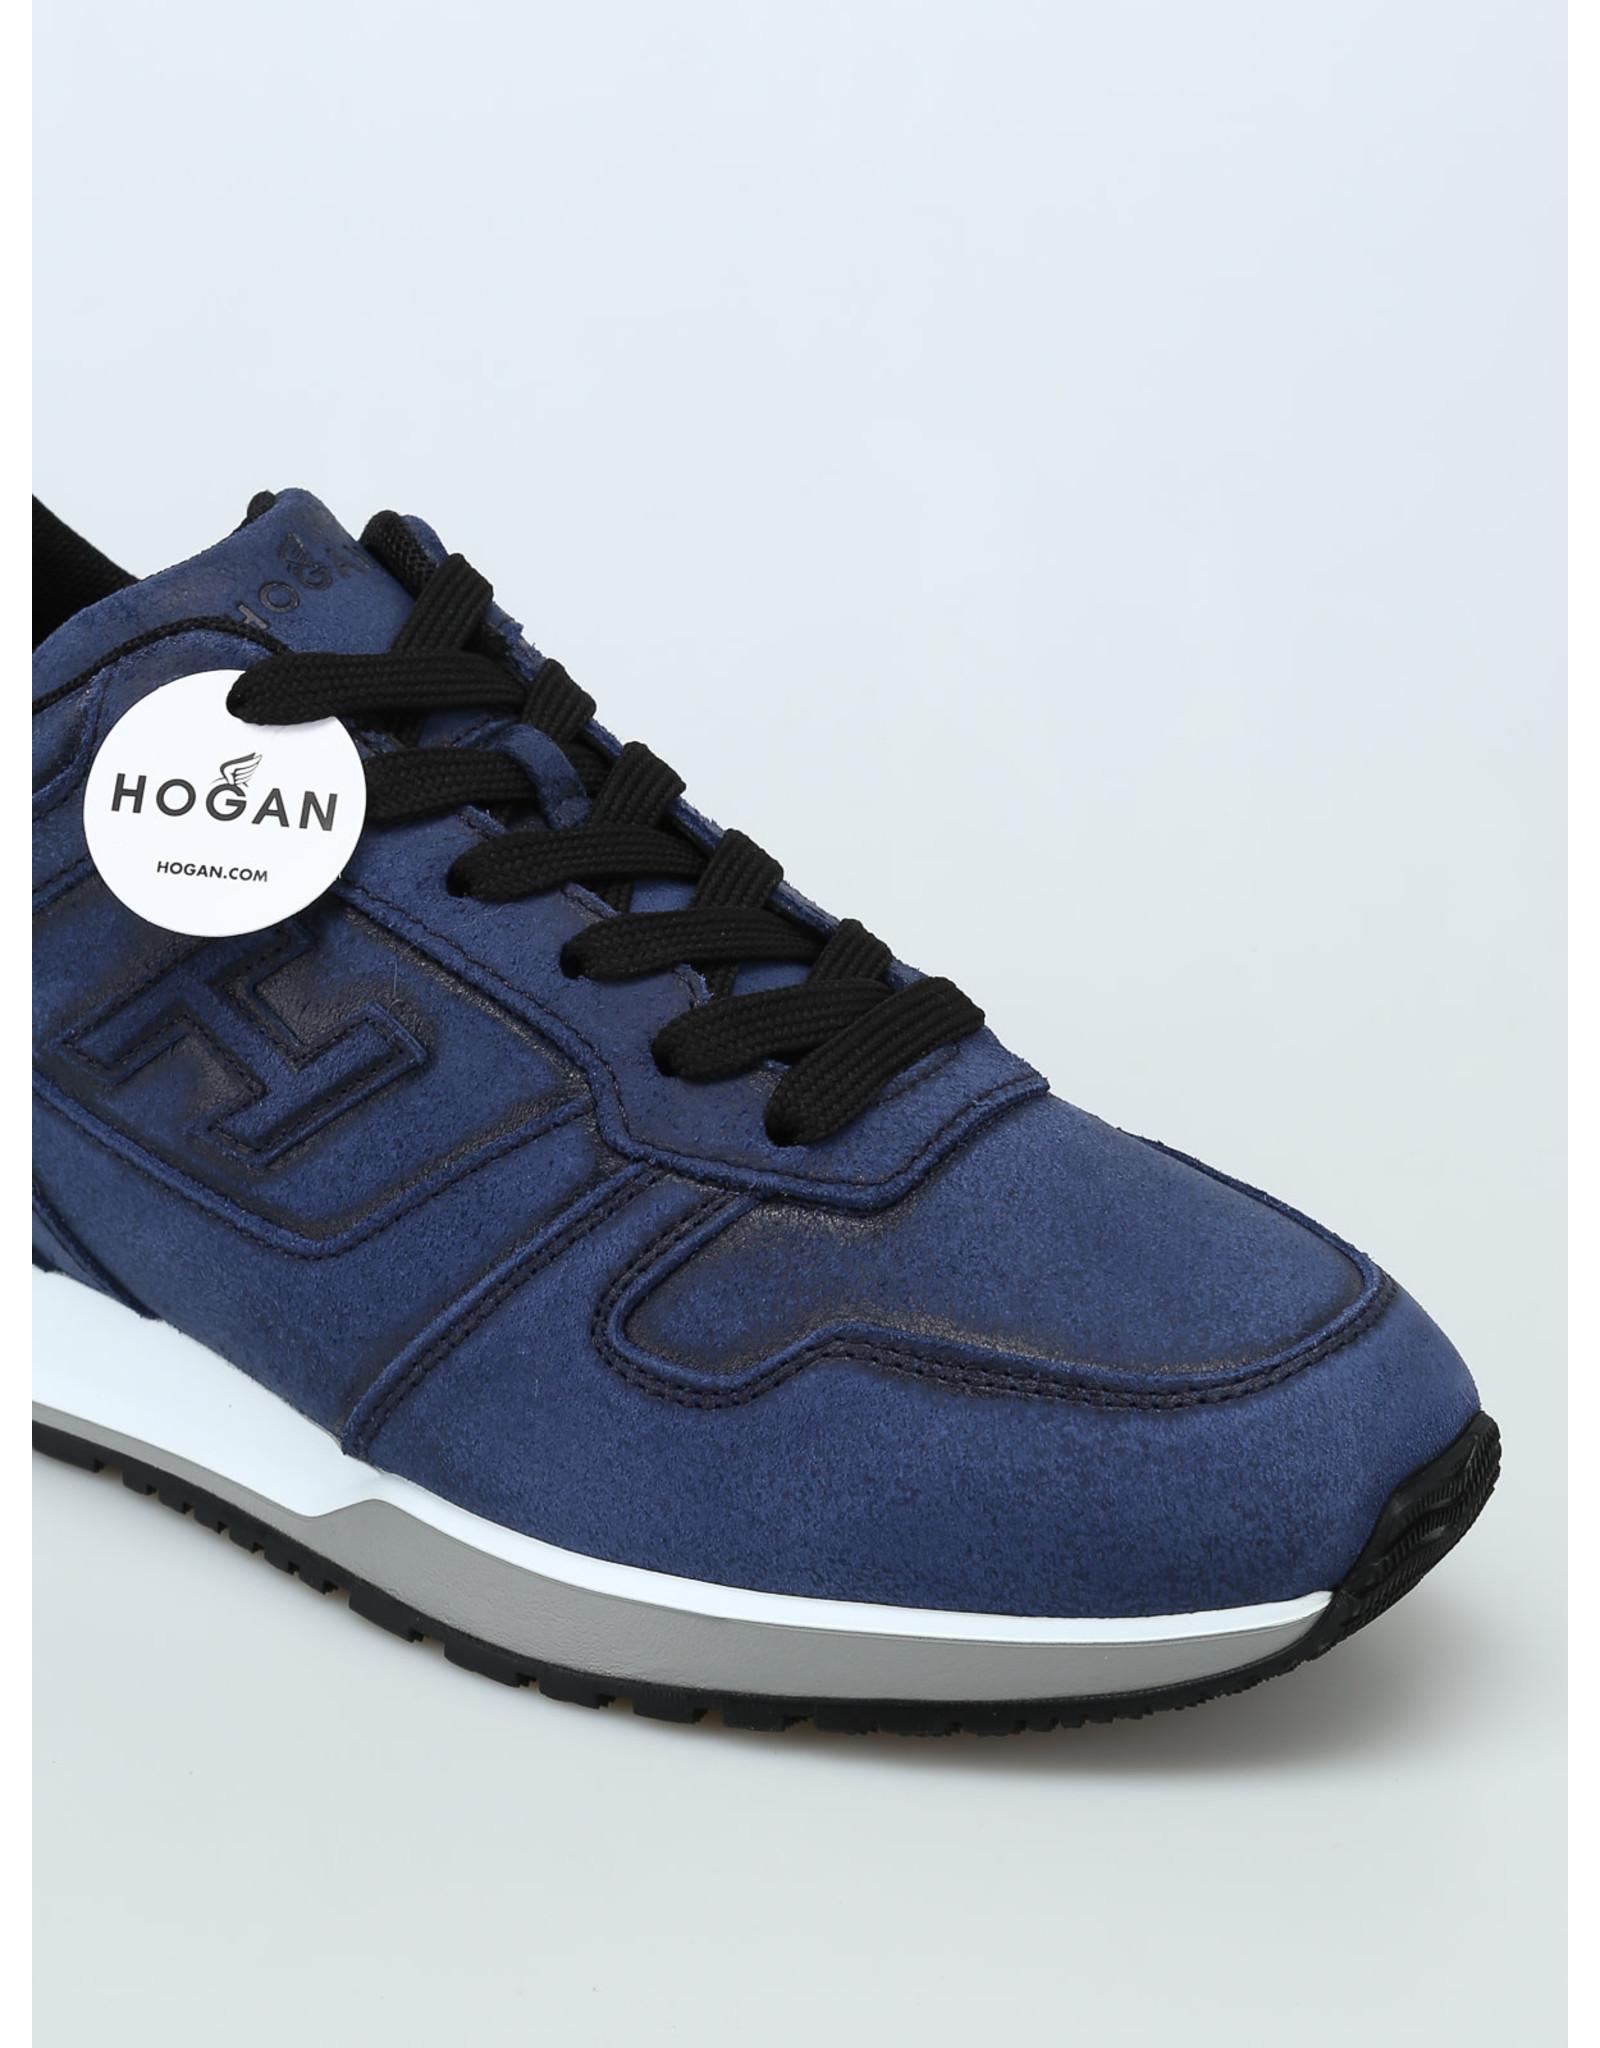 HOGAN HOGAN HXM3210Y850GZ